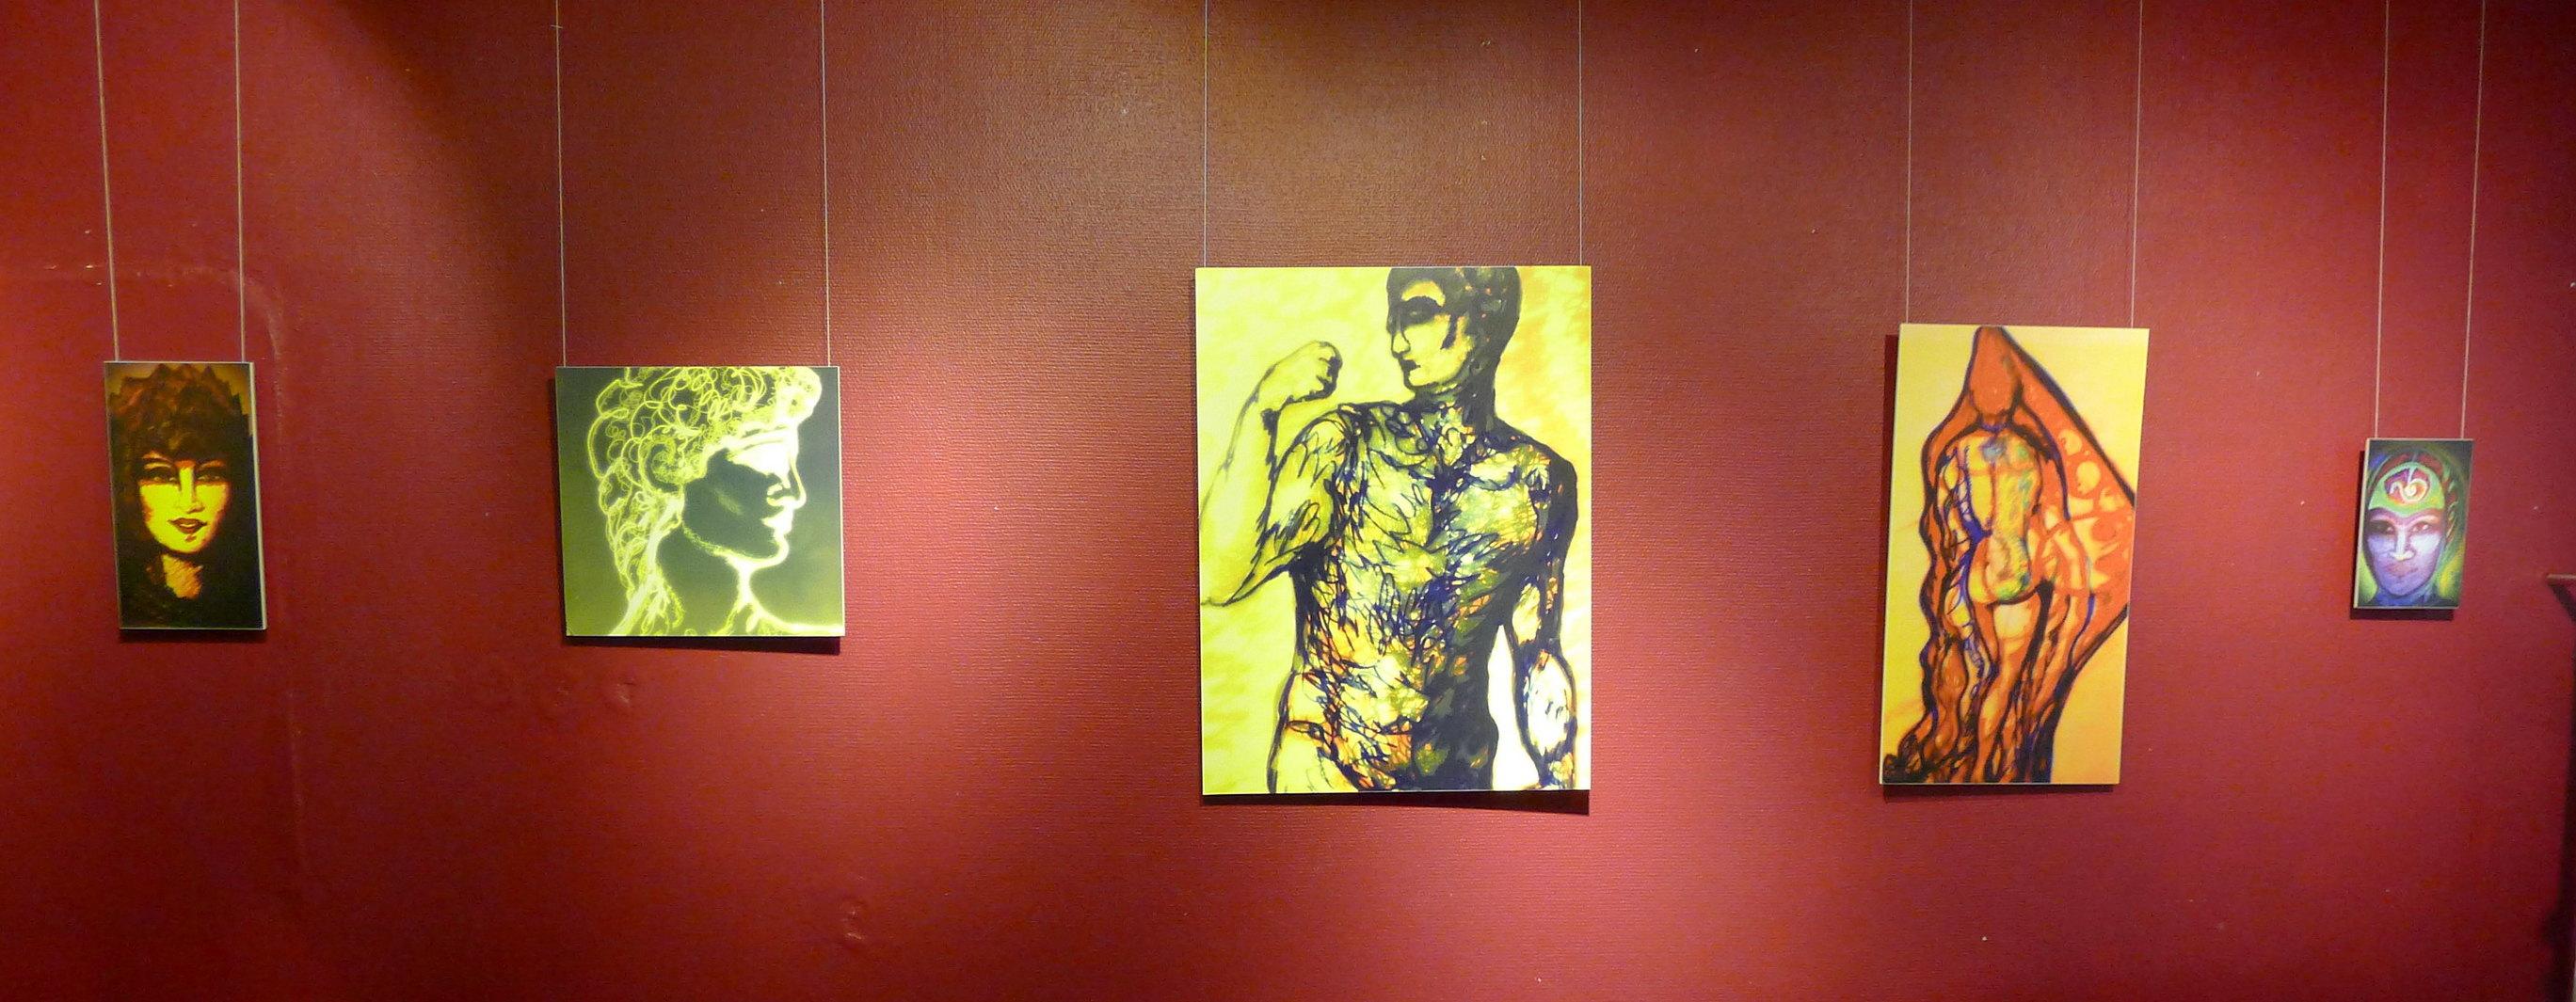 Apennina, Golden David, Yellow Aadonis in the shower, Painters dream, Asian alien